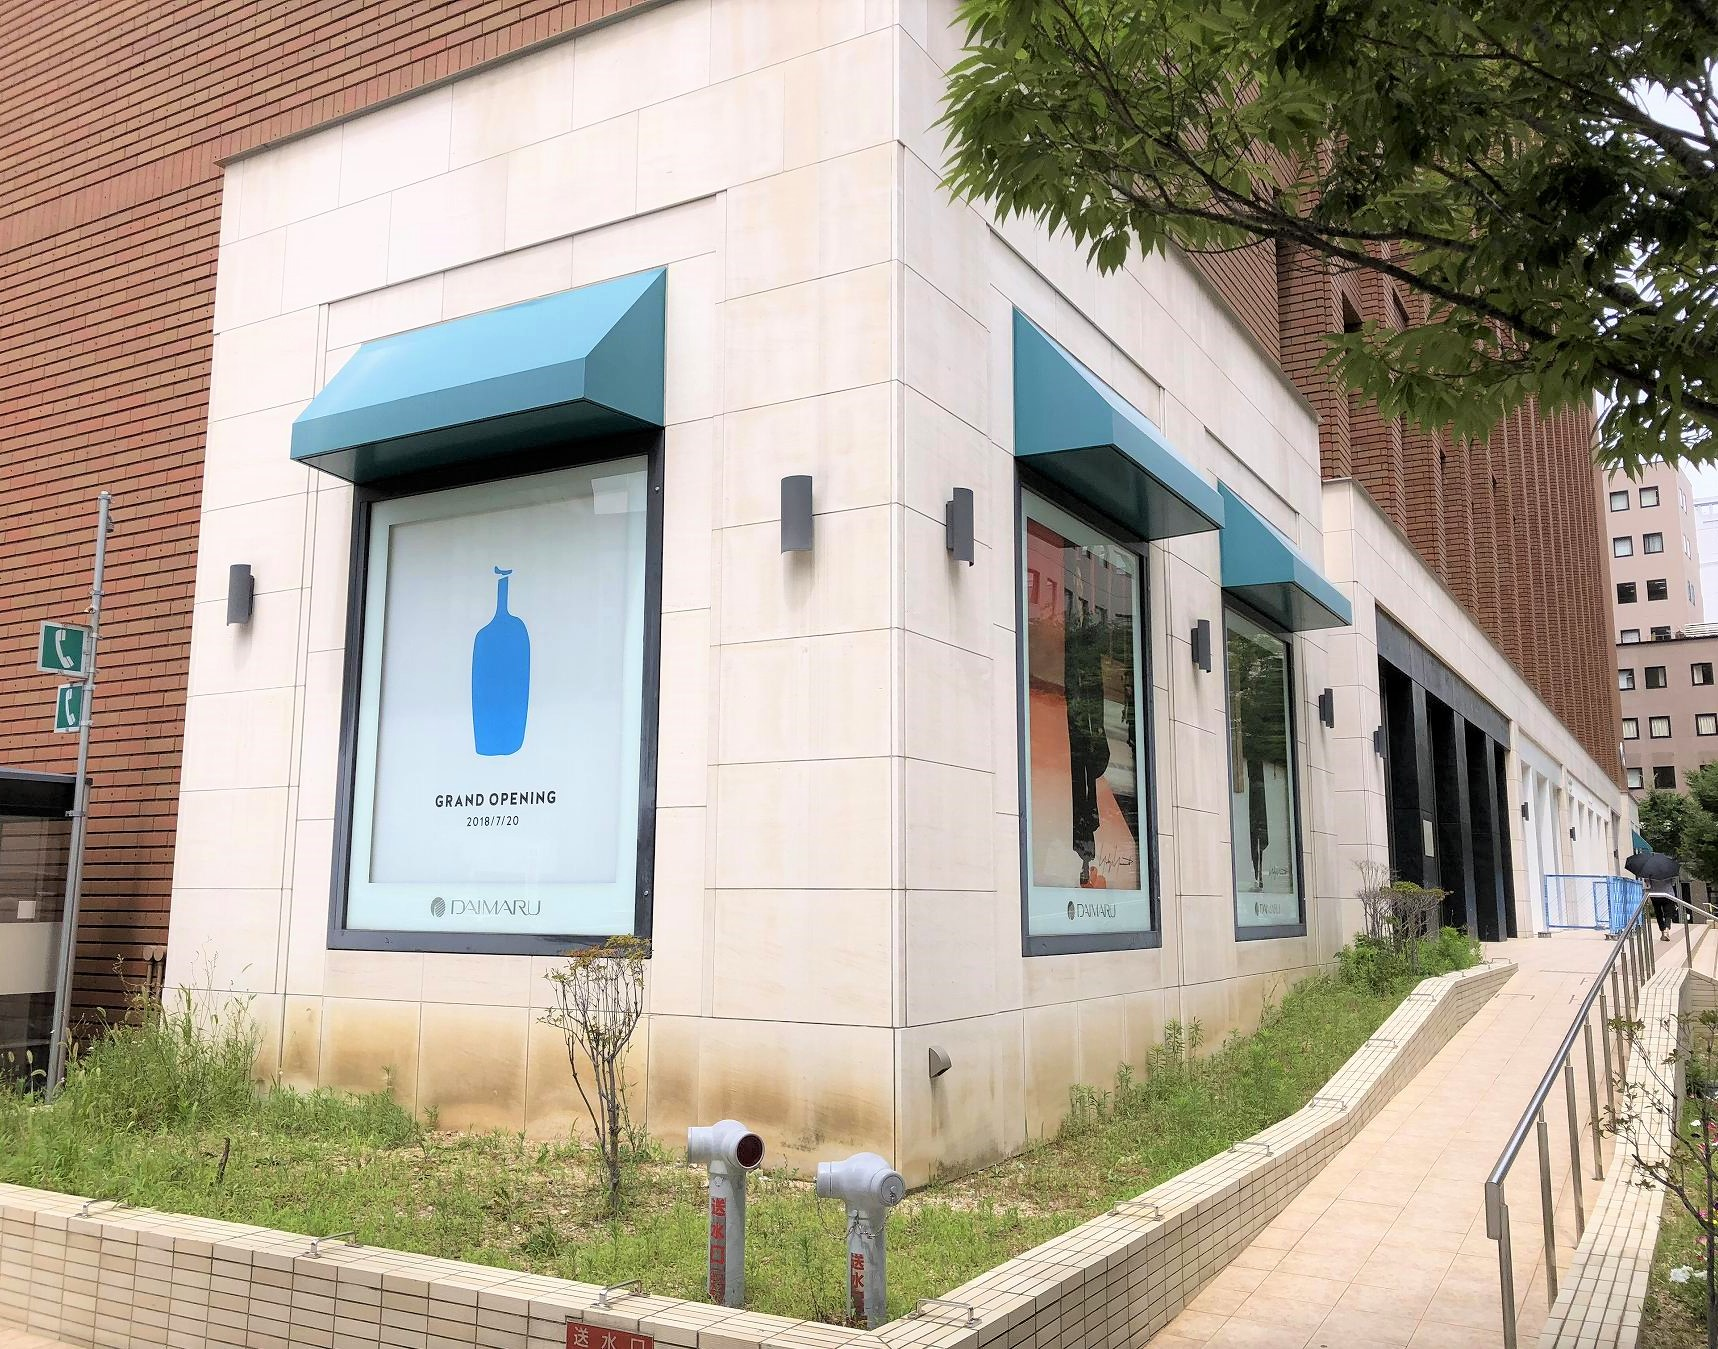 神戸・旧居留地に「ブルーボトルコーヒー神戸カフェ」が7月20日(金)オープンします! #ブルーボトルコーヒー #新規オープン #神戸旧居留地 #神戸カフェ